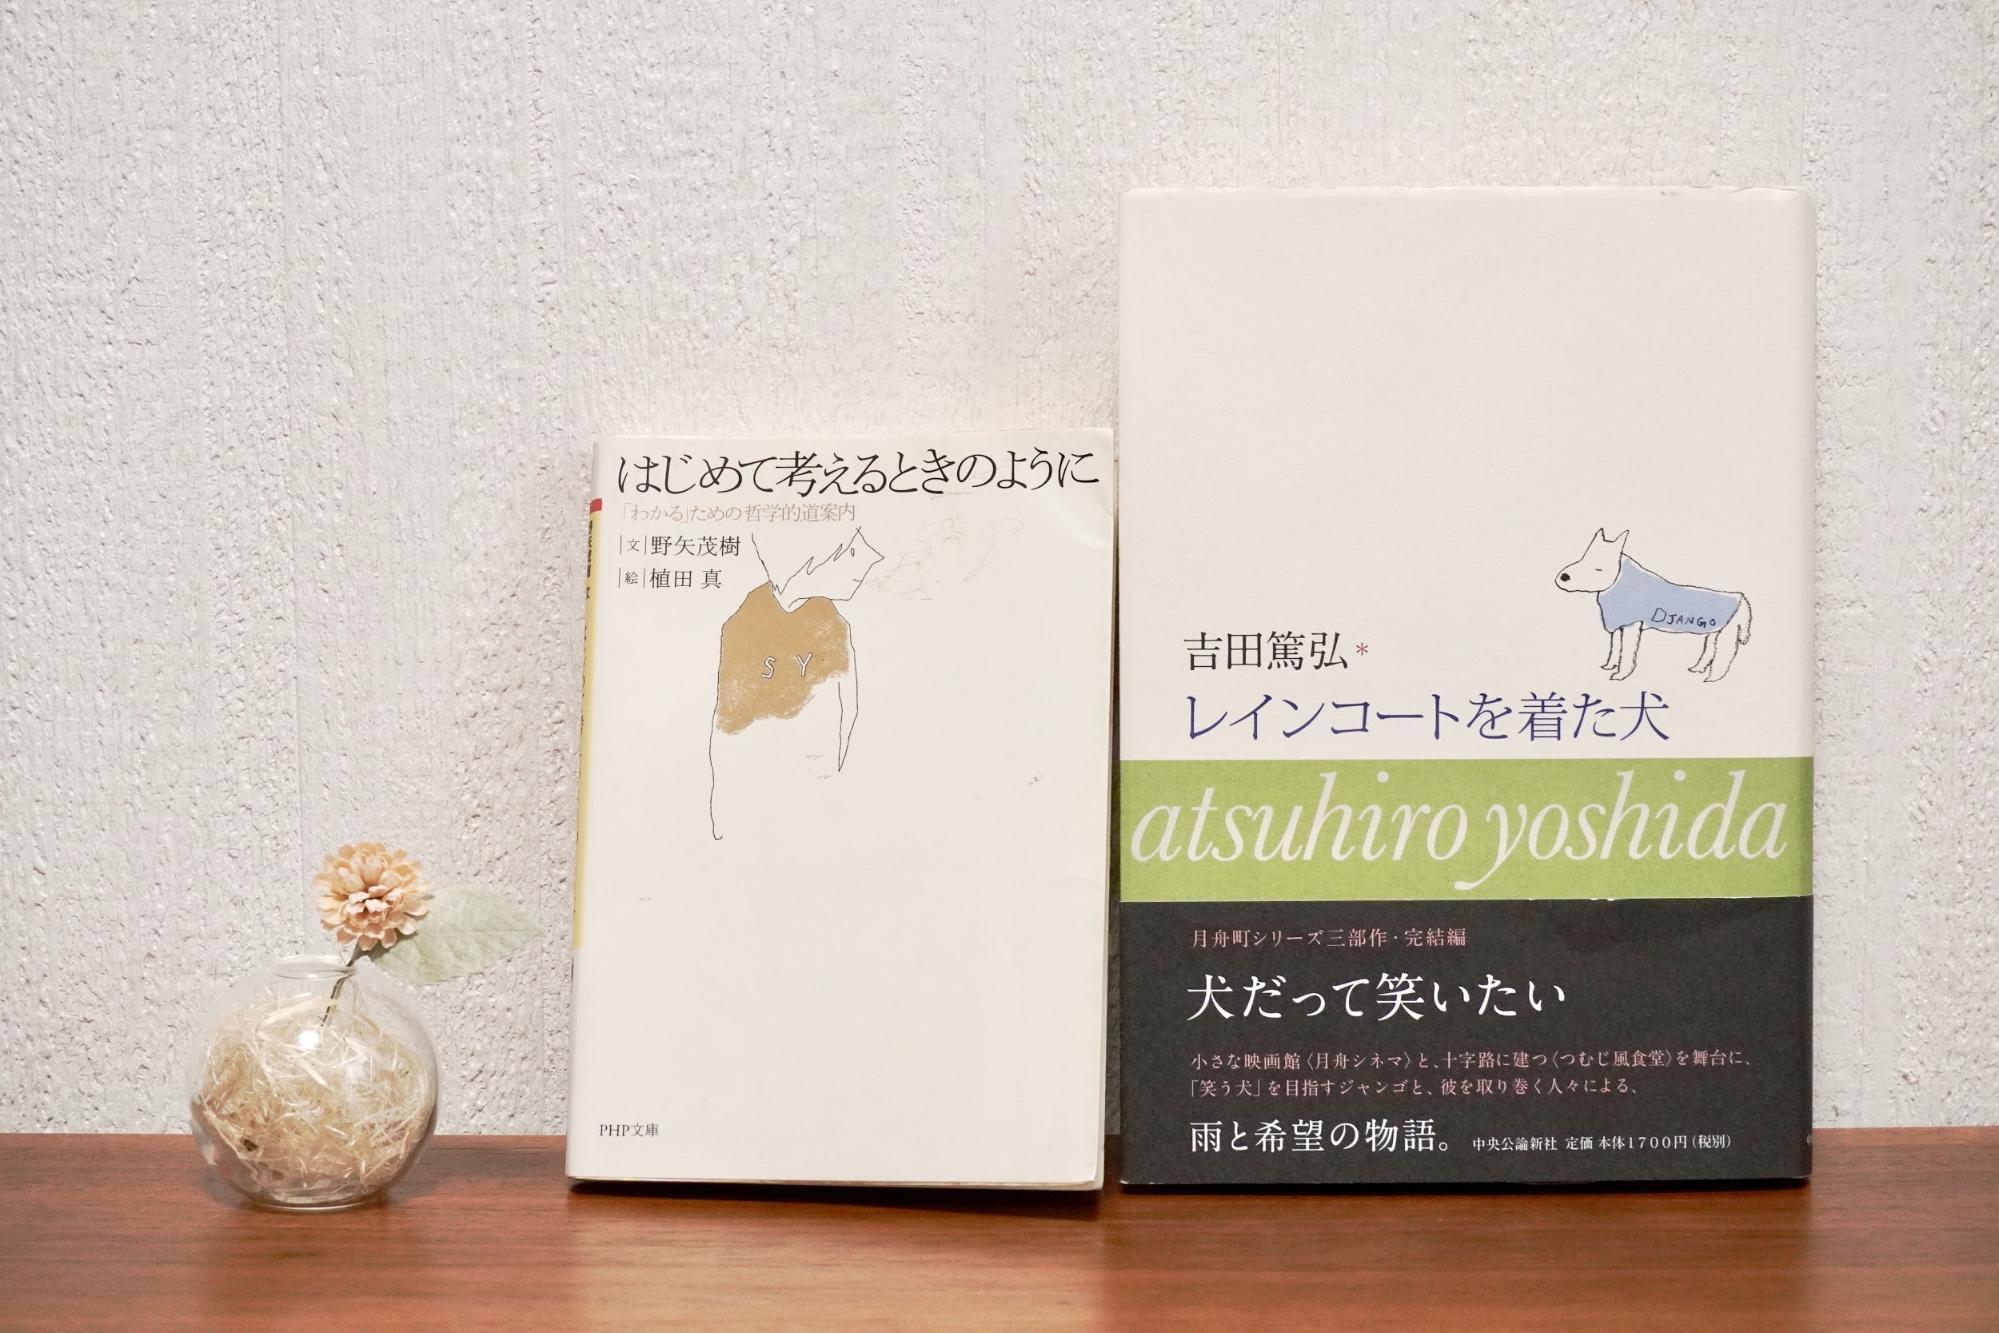 柳川千秋・おこもり時間に読みたい本